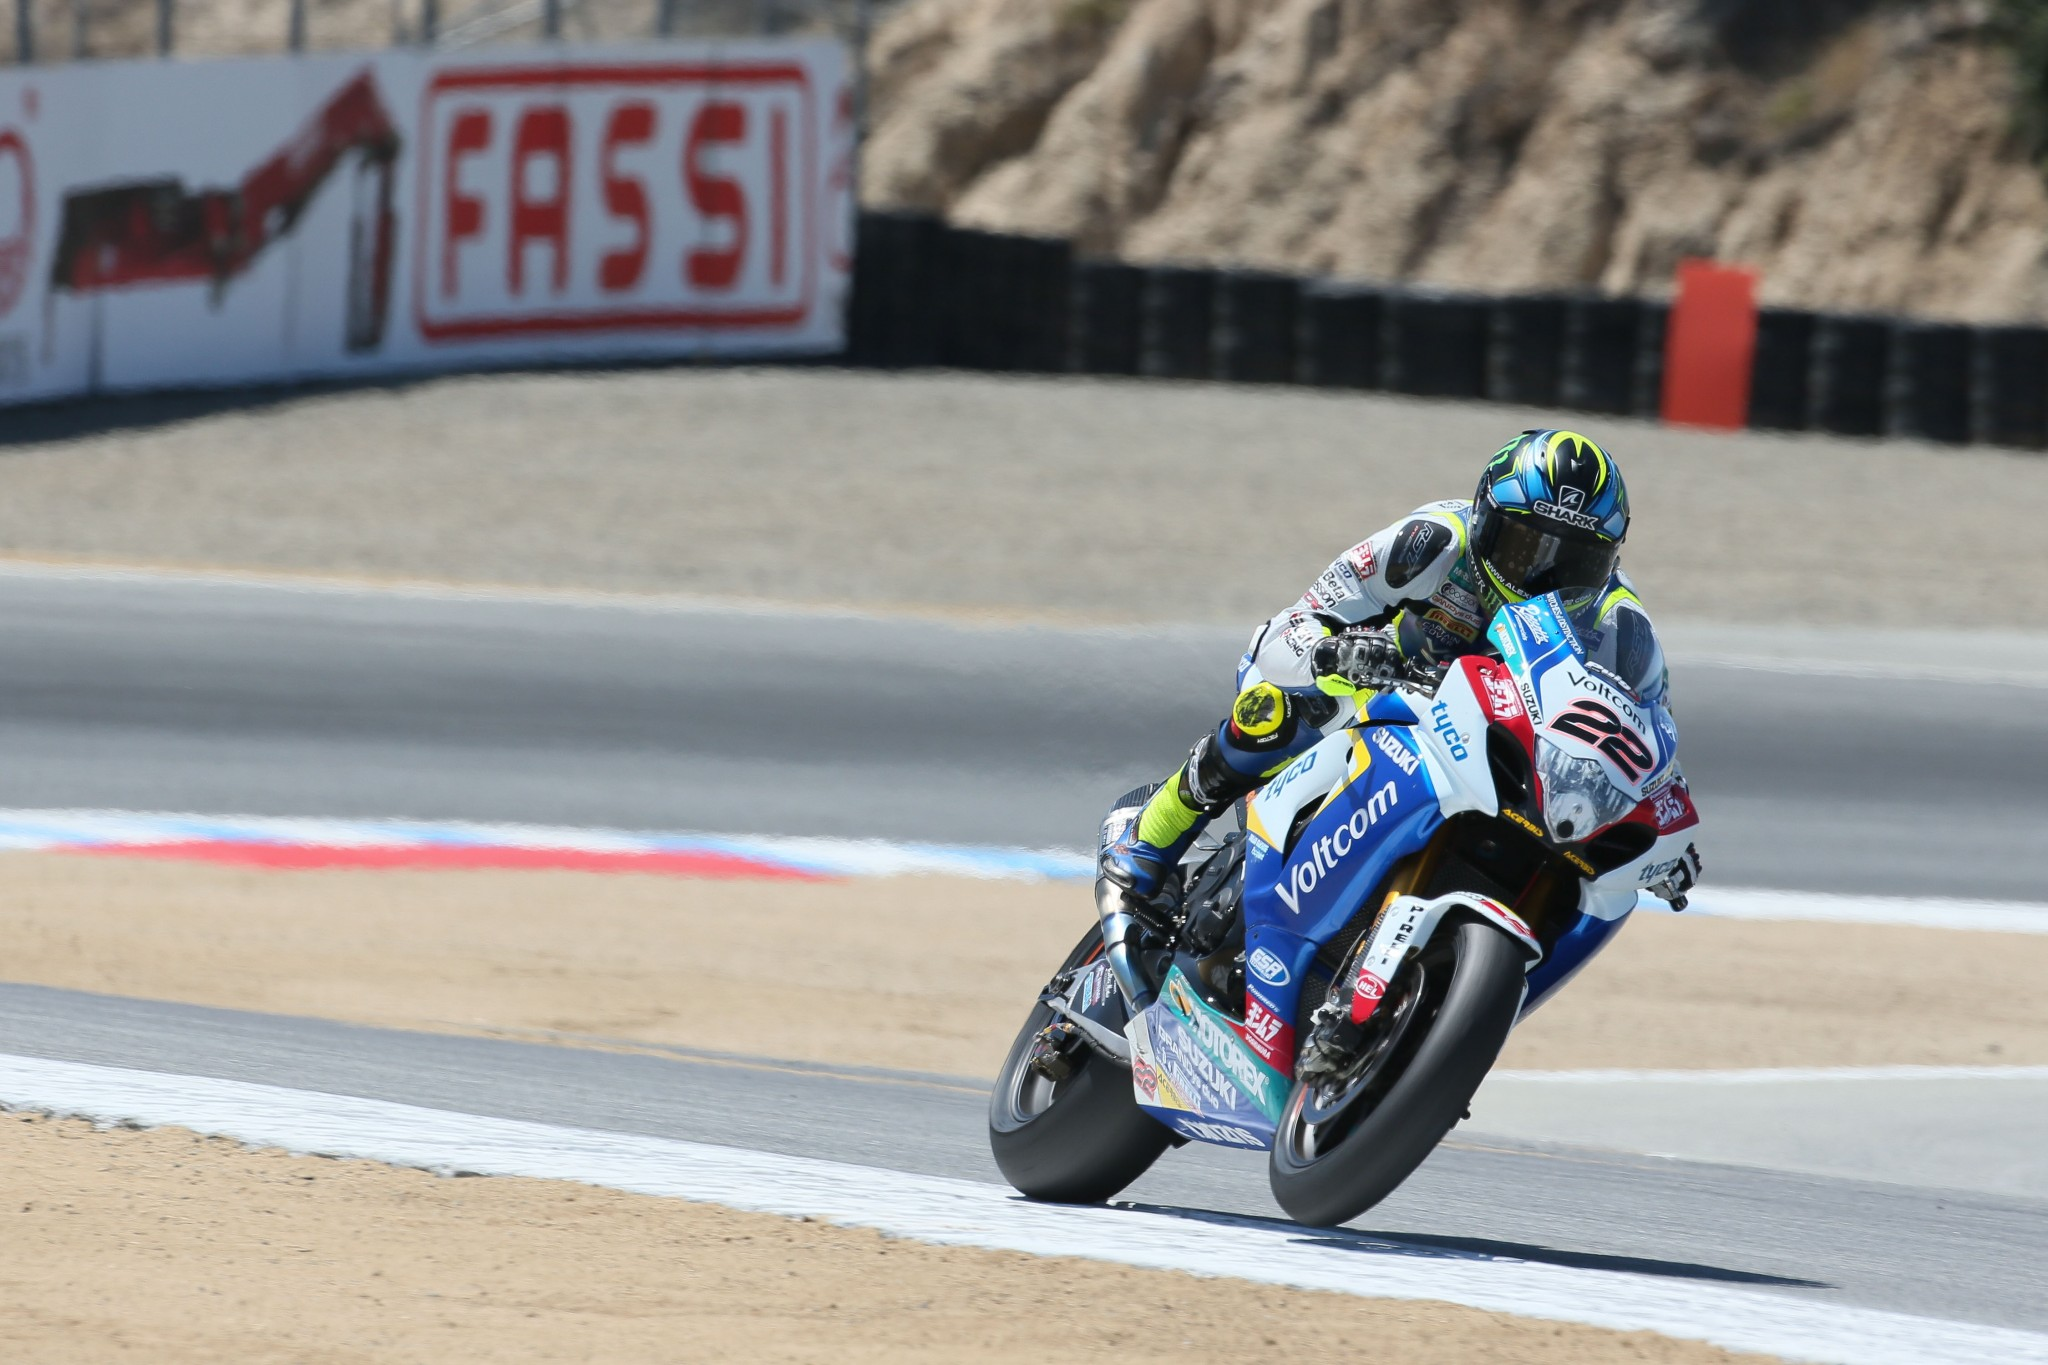 Alex Lowes No. 22 Suzuki